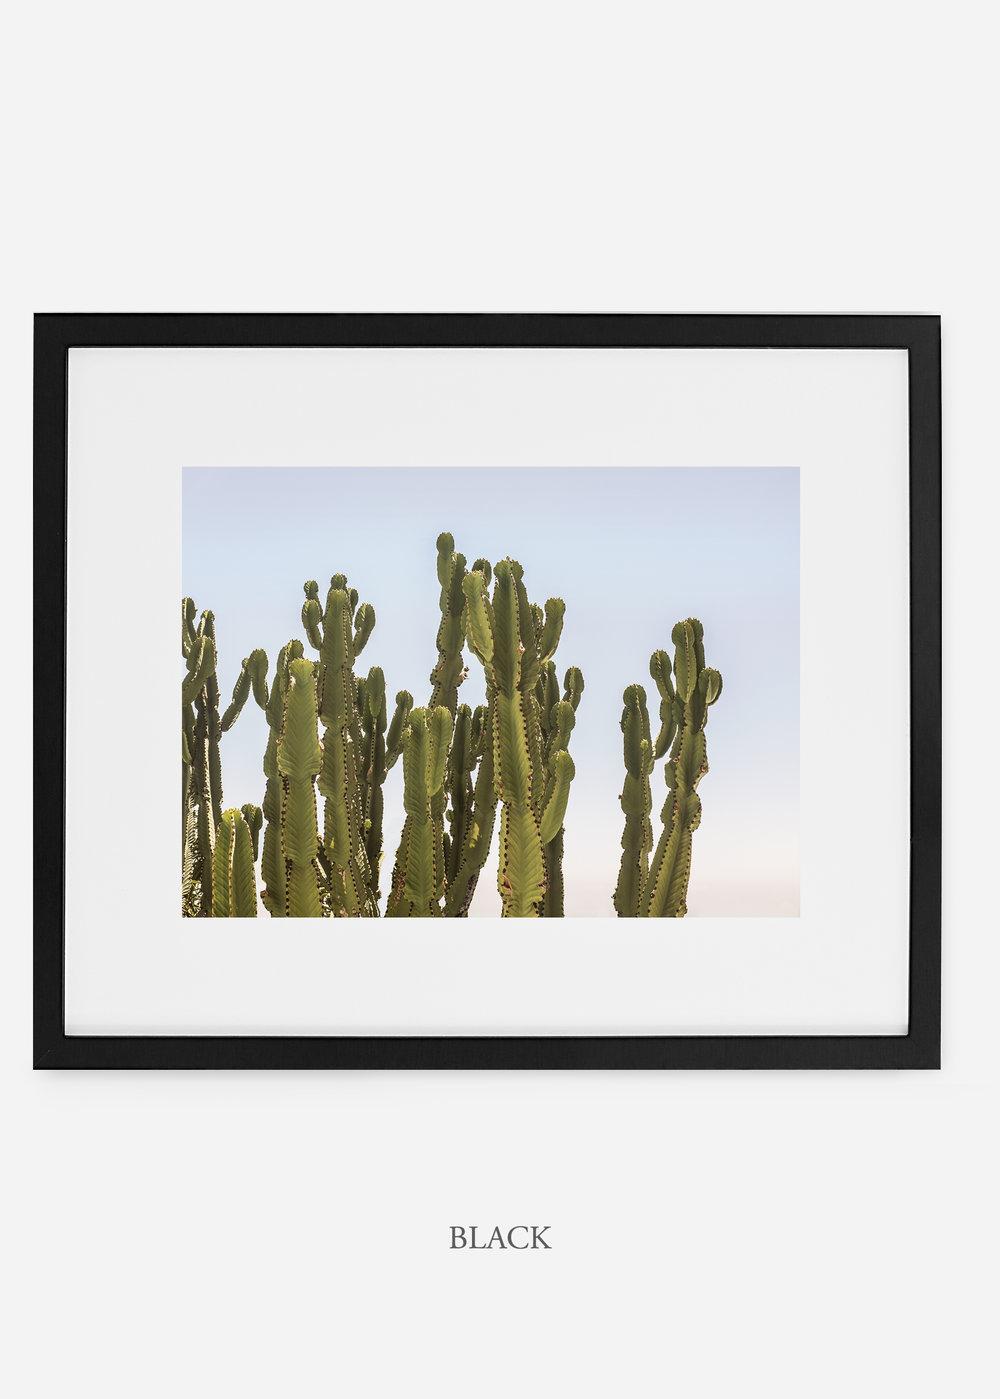 WilderCalifornia_blackframe_interiordesign_cactusprint_CaiforniaCactusNo.3.jpg